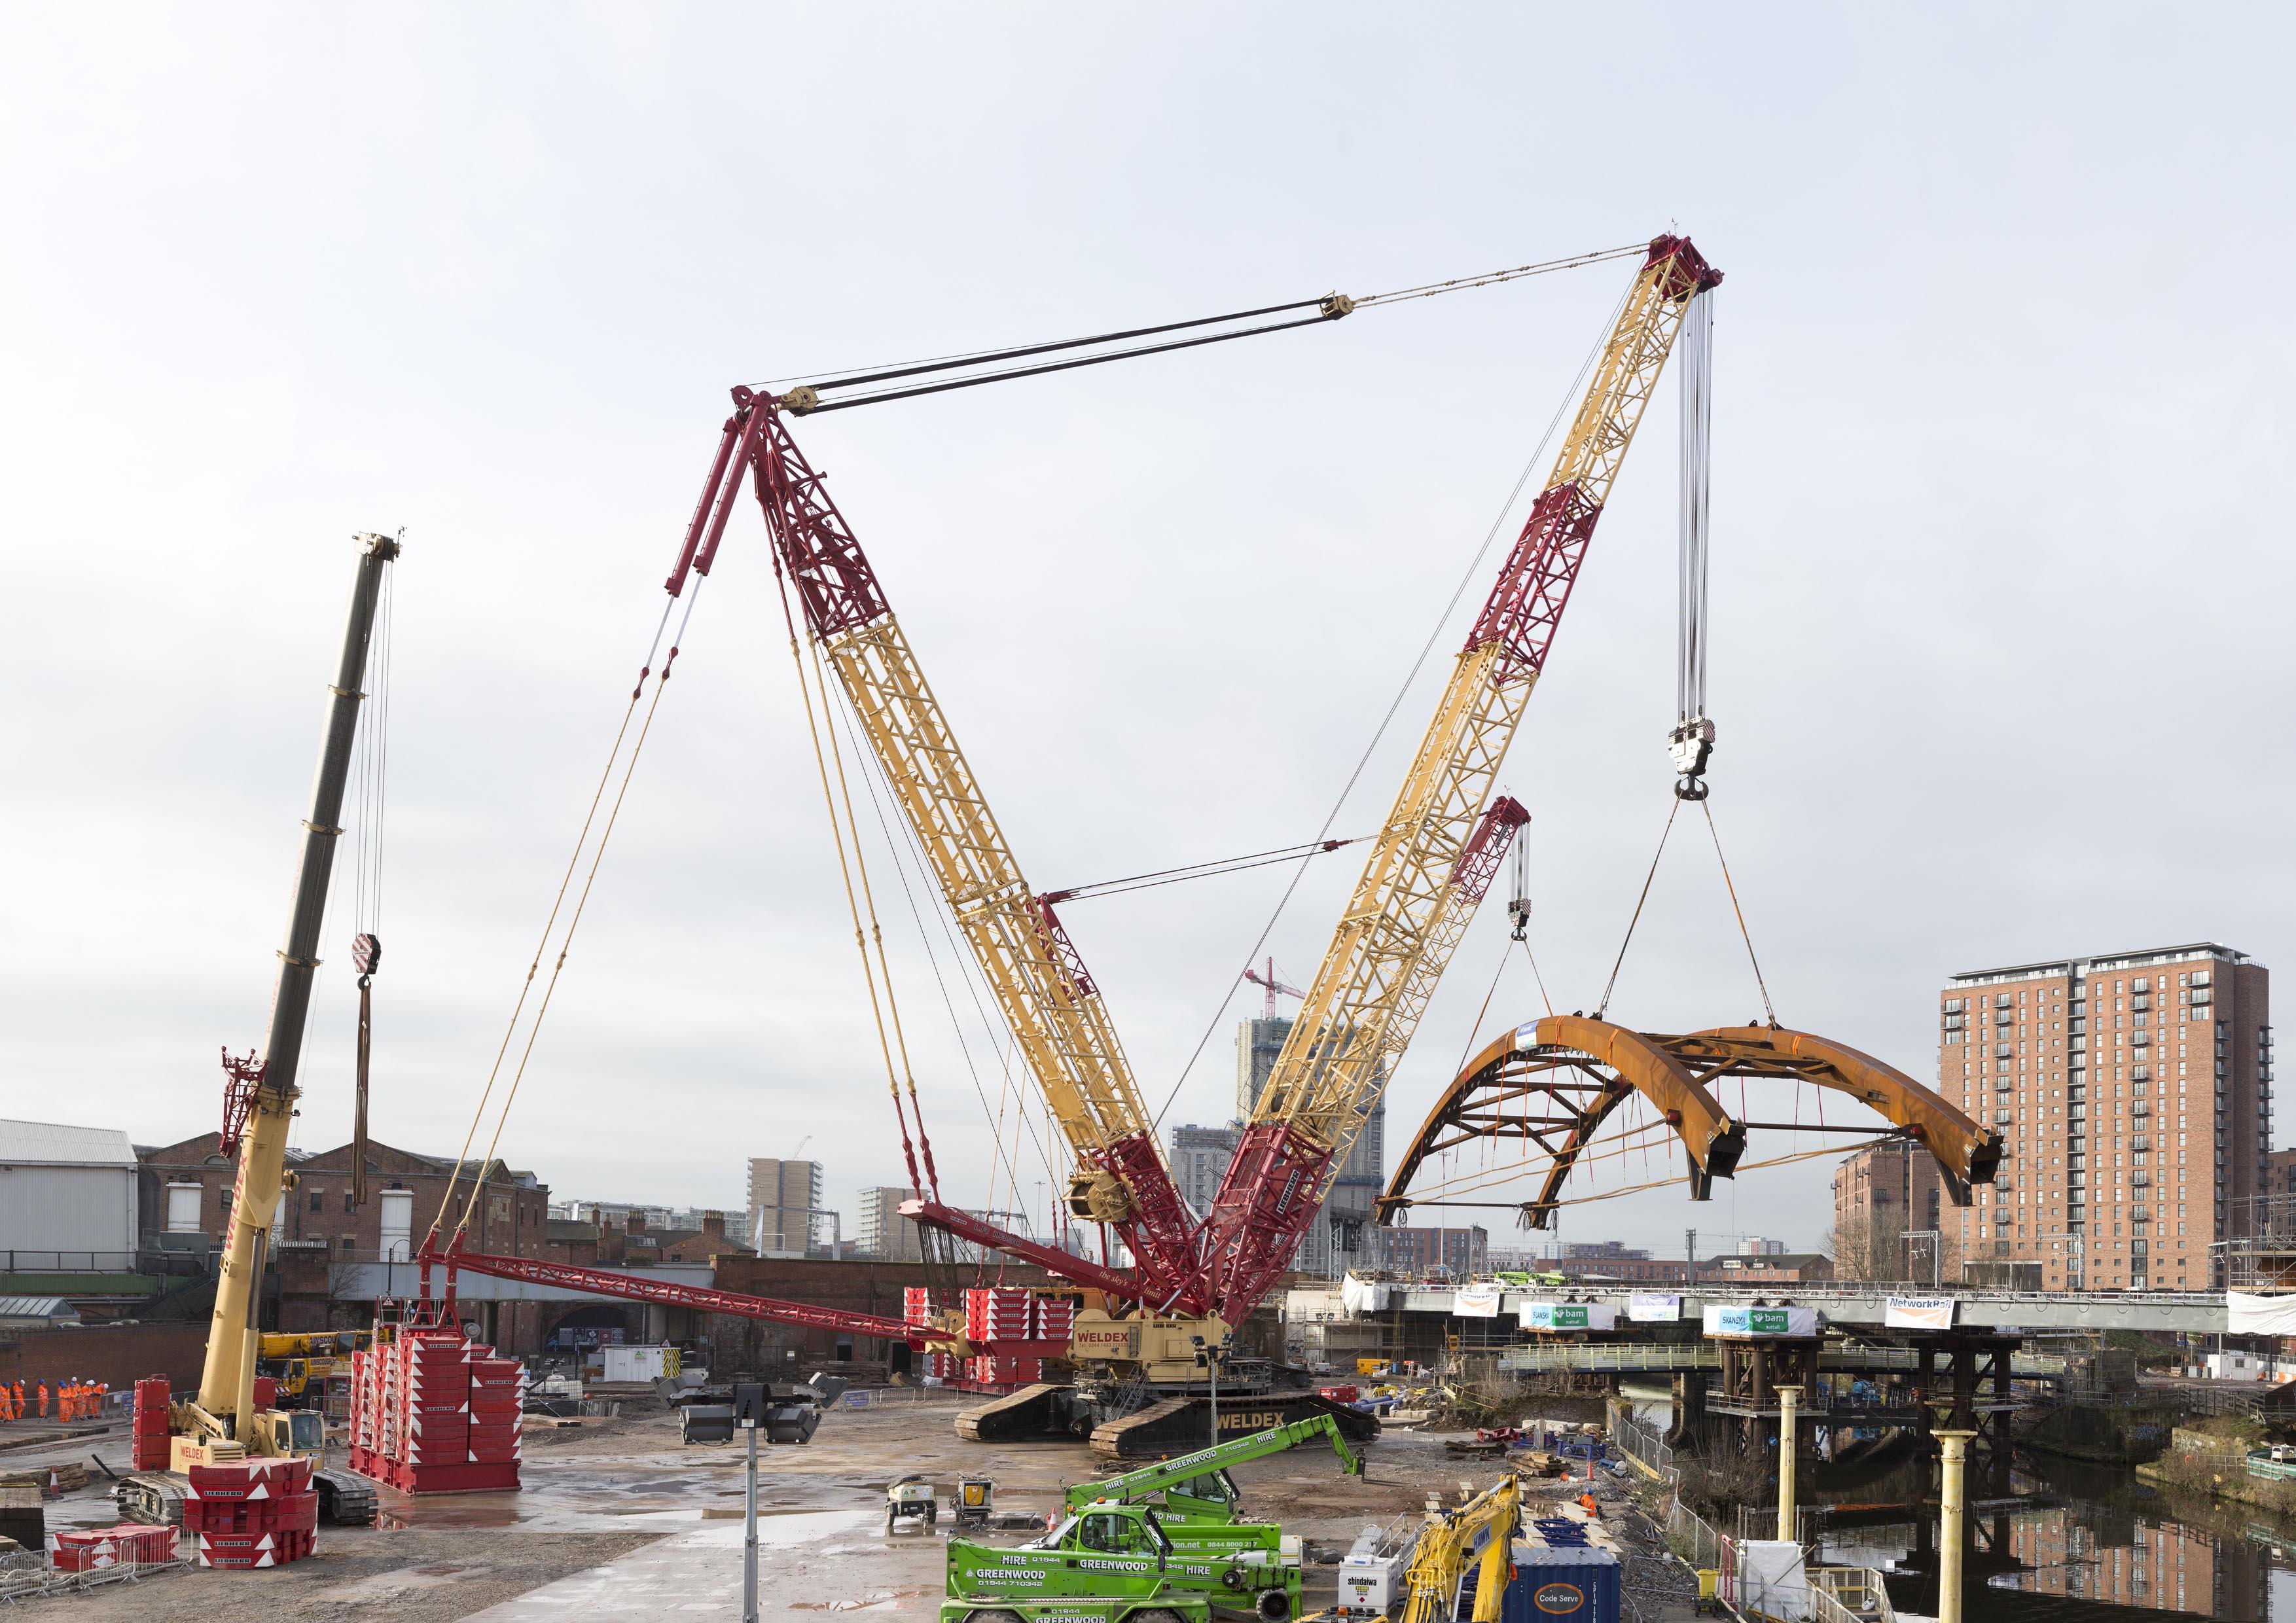 liebherr-lr-11350-lr-1750-weldex-bridge-manchester-5-300dpi